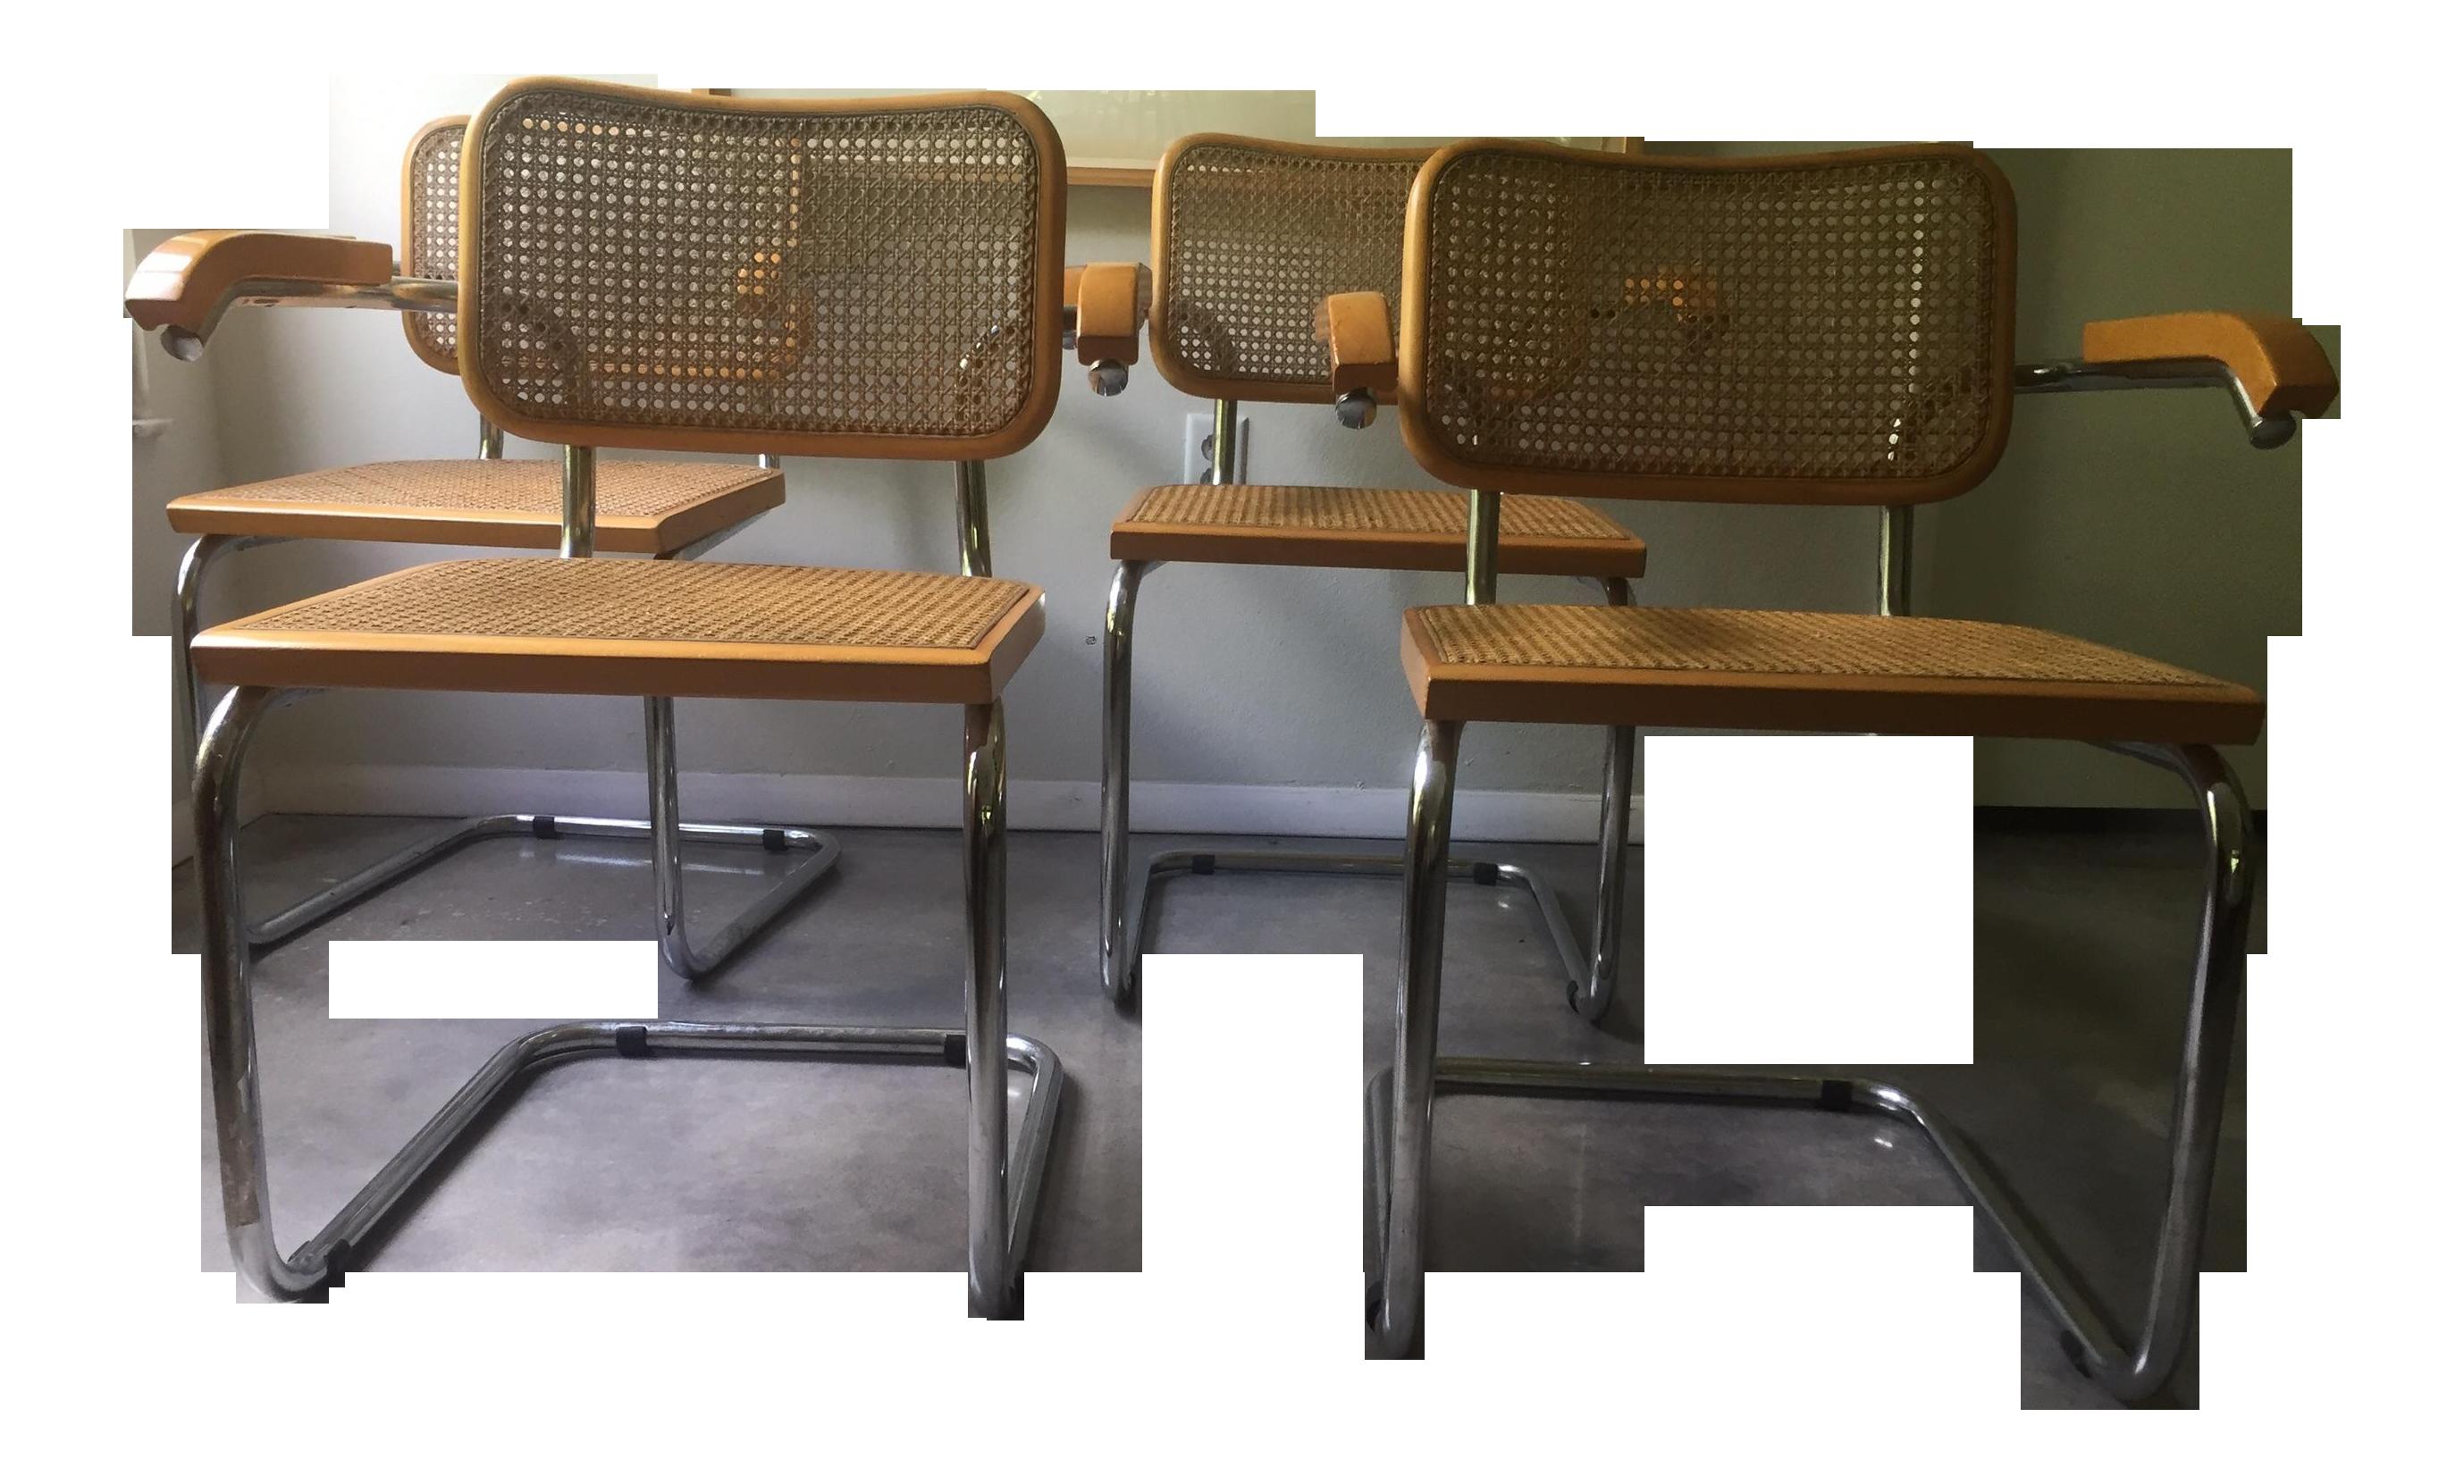 Bauhaus chair breuer - Image Of 4 Breuer Cesca Bauhaus Modern Cane Chairs